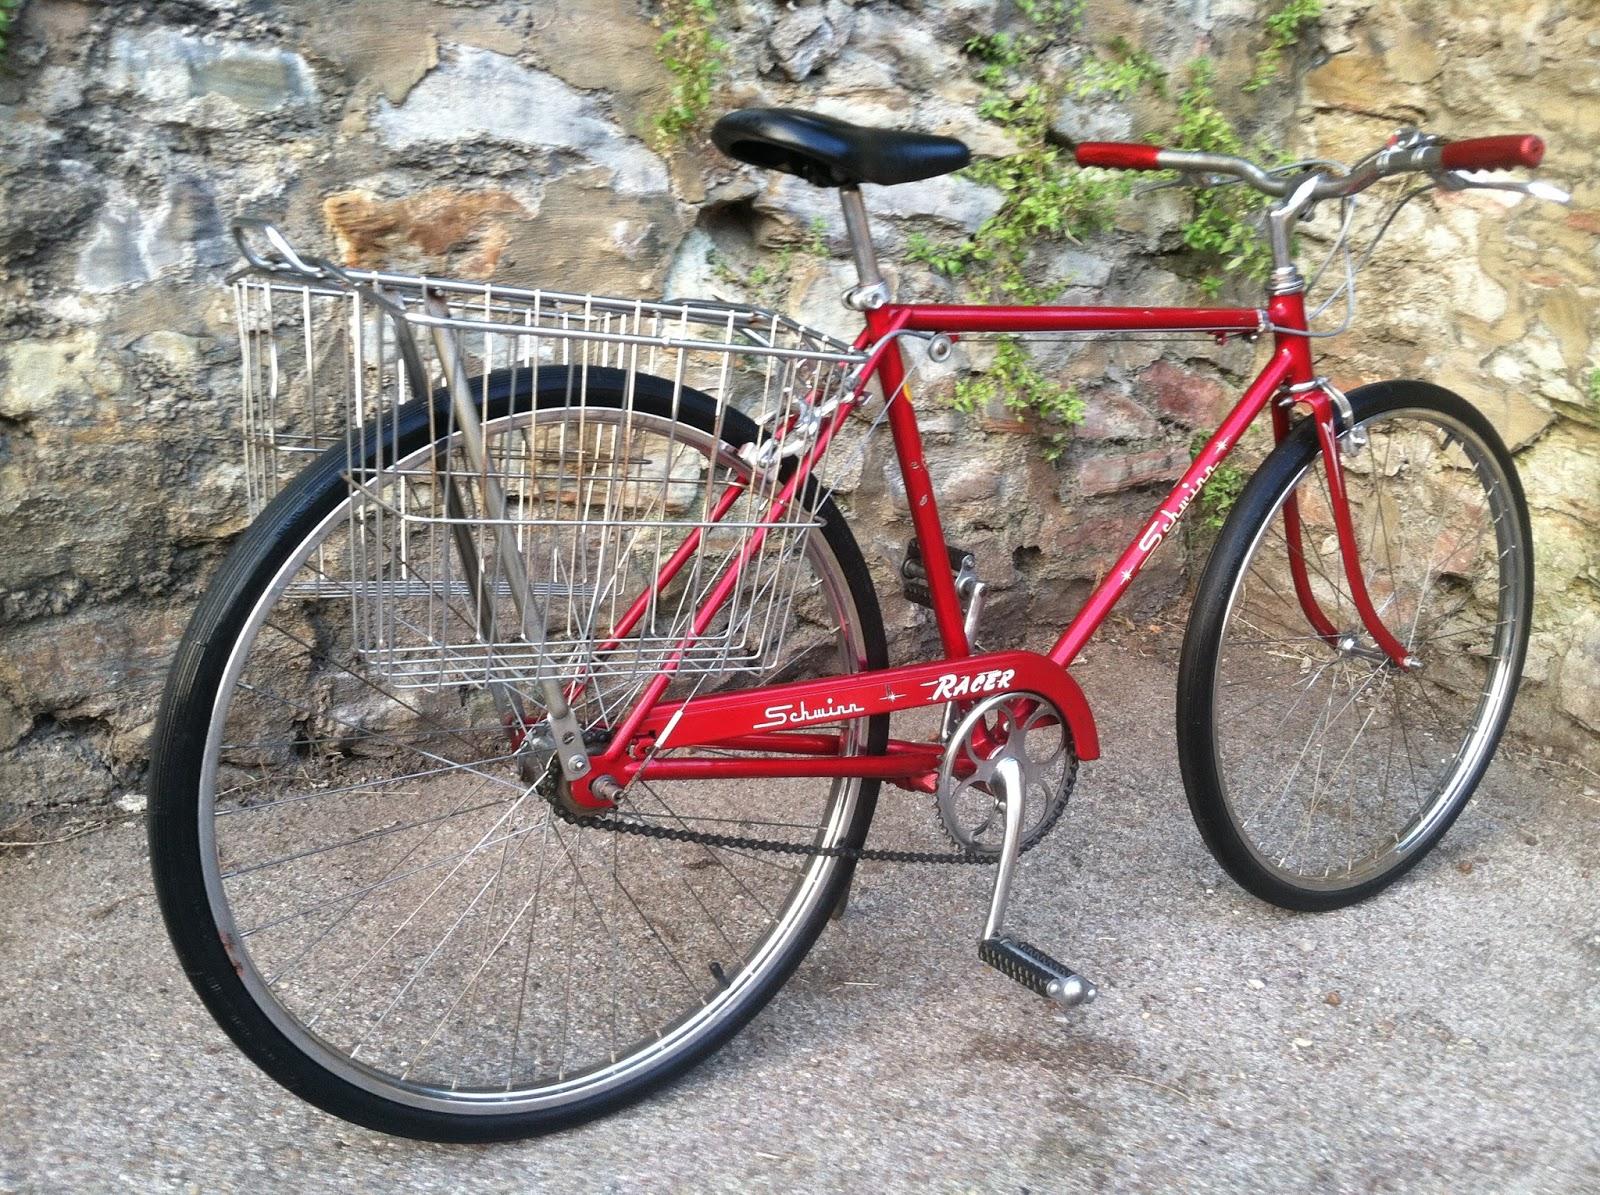 f31c6cf68d4 ... aluminum riser bars from a 90's Schwinn mountain bike and an early 80  Schwinn Messinger BMX saddle (original bars, fenders and Schwinn comfort  seat will ...